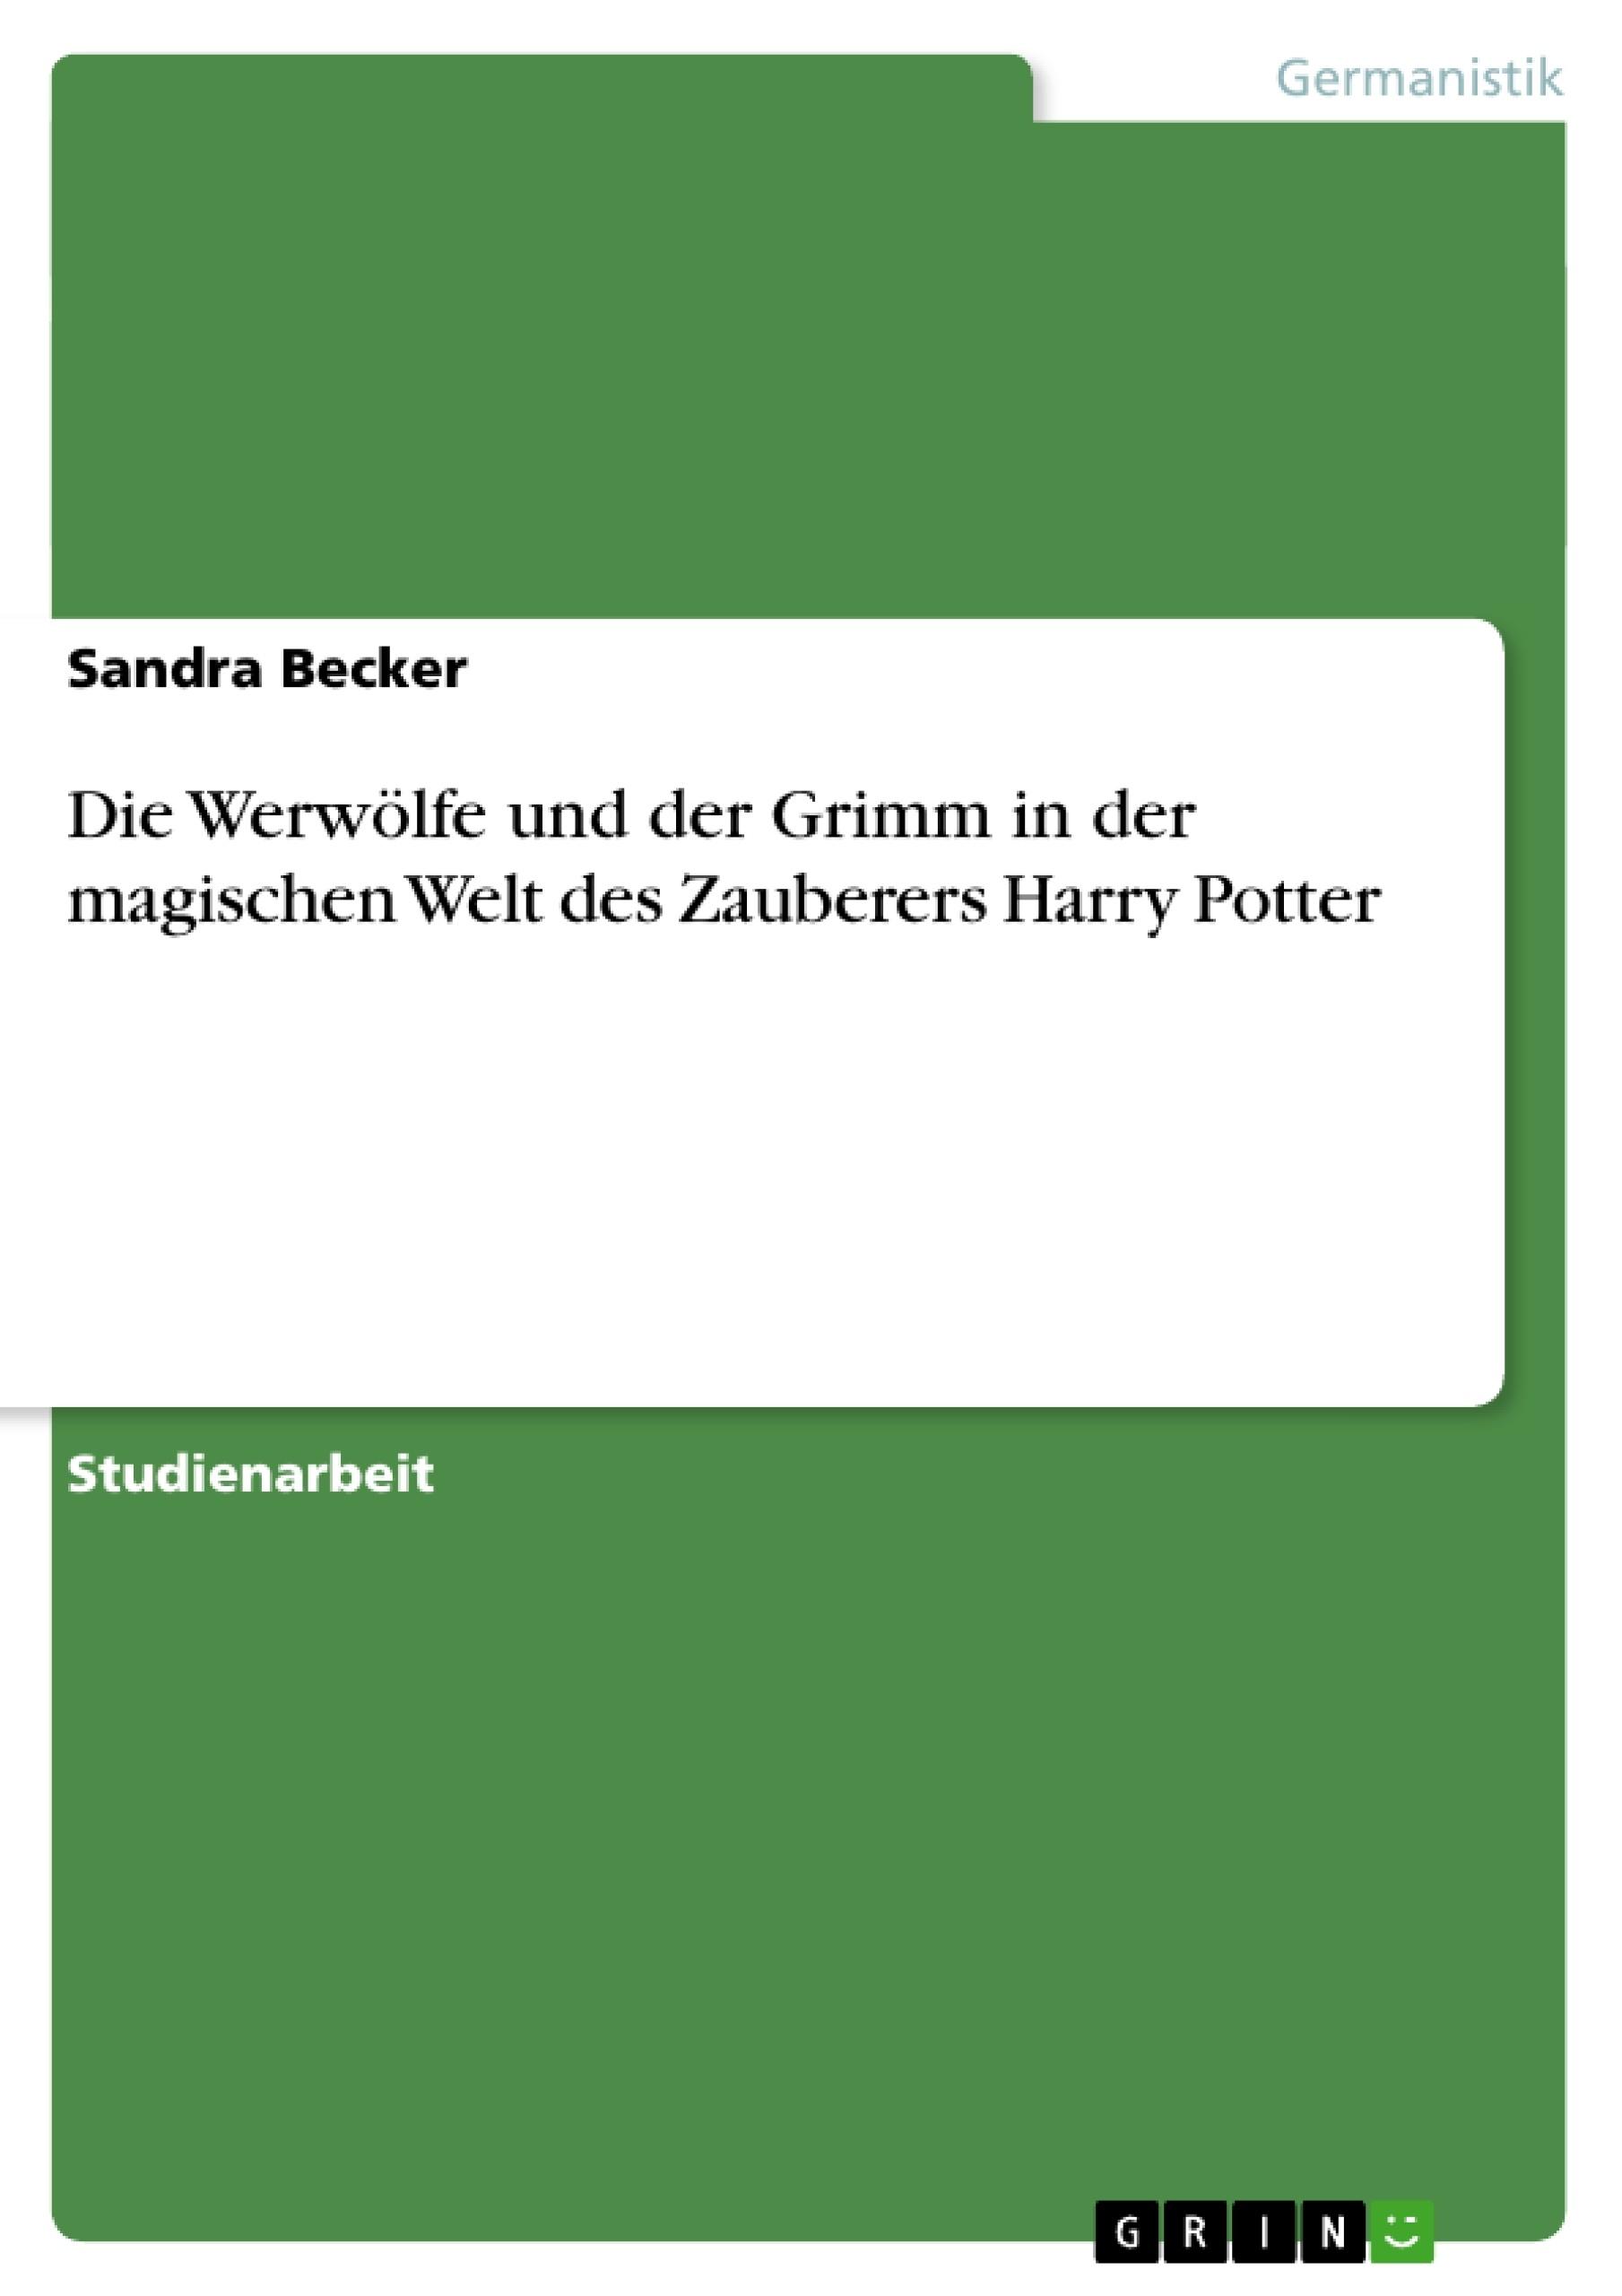 Titel: Die Werwölfe und der Grimm in der magischen Welt des Zauberers Harry Potter